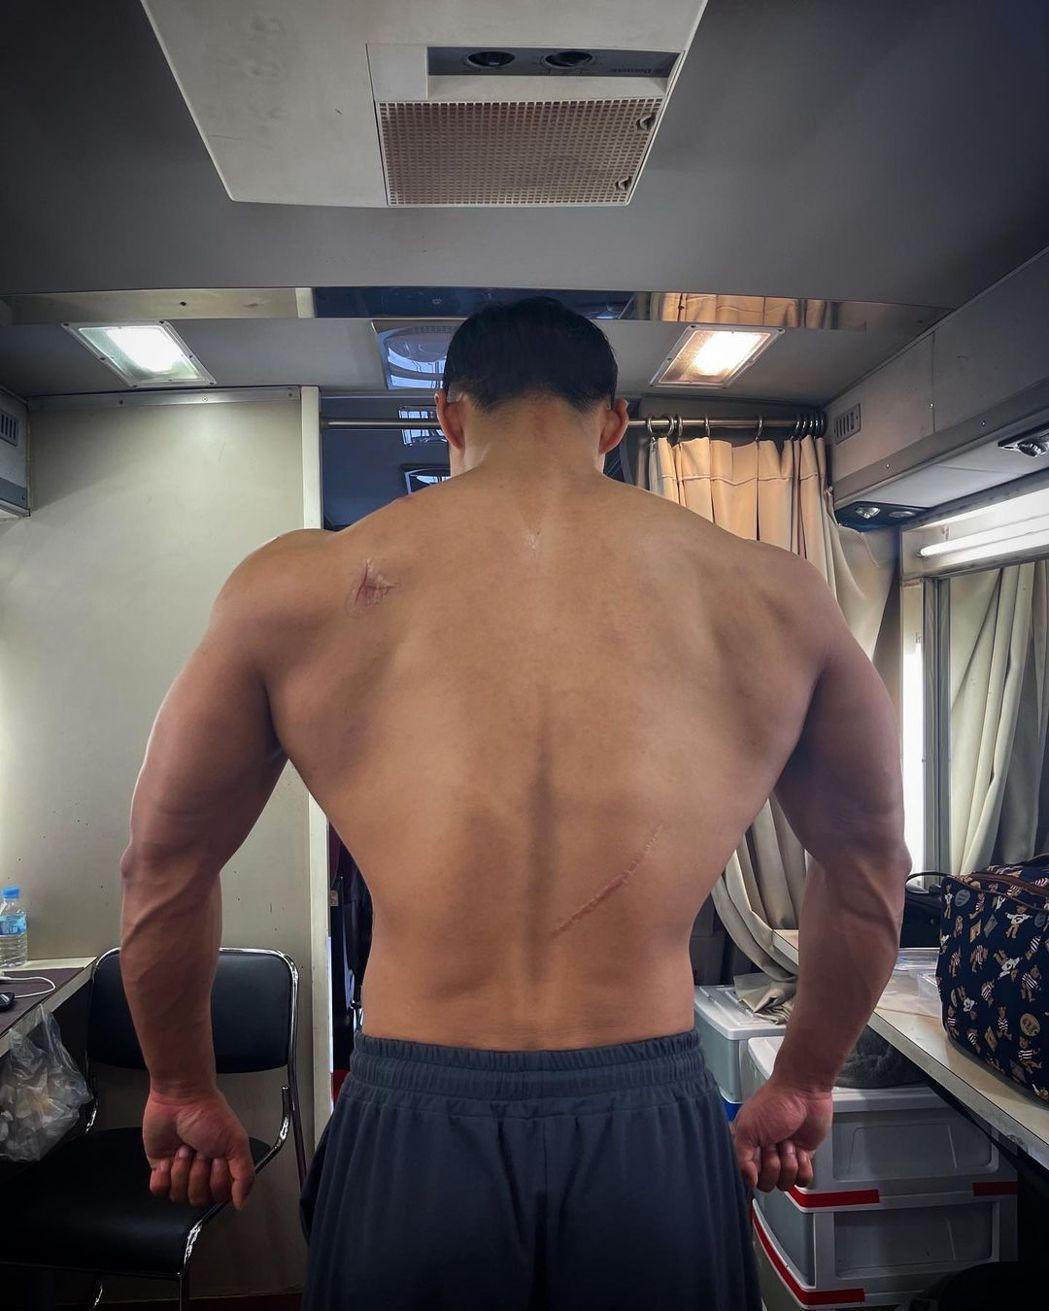 南宮珉練成筋肉人。圖/擷自IG